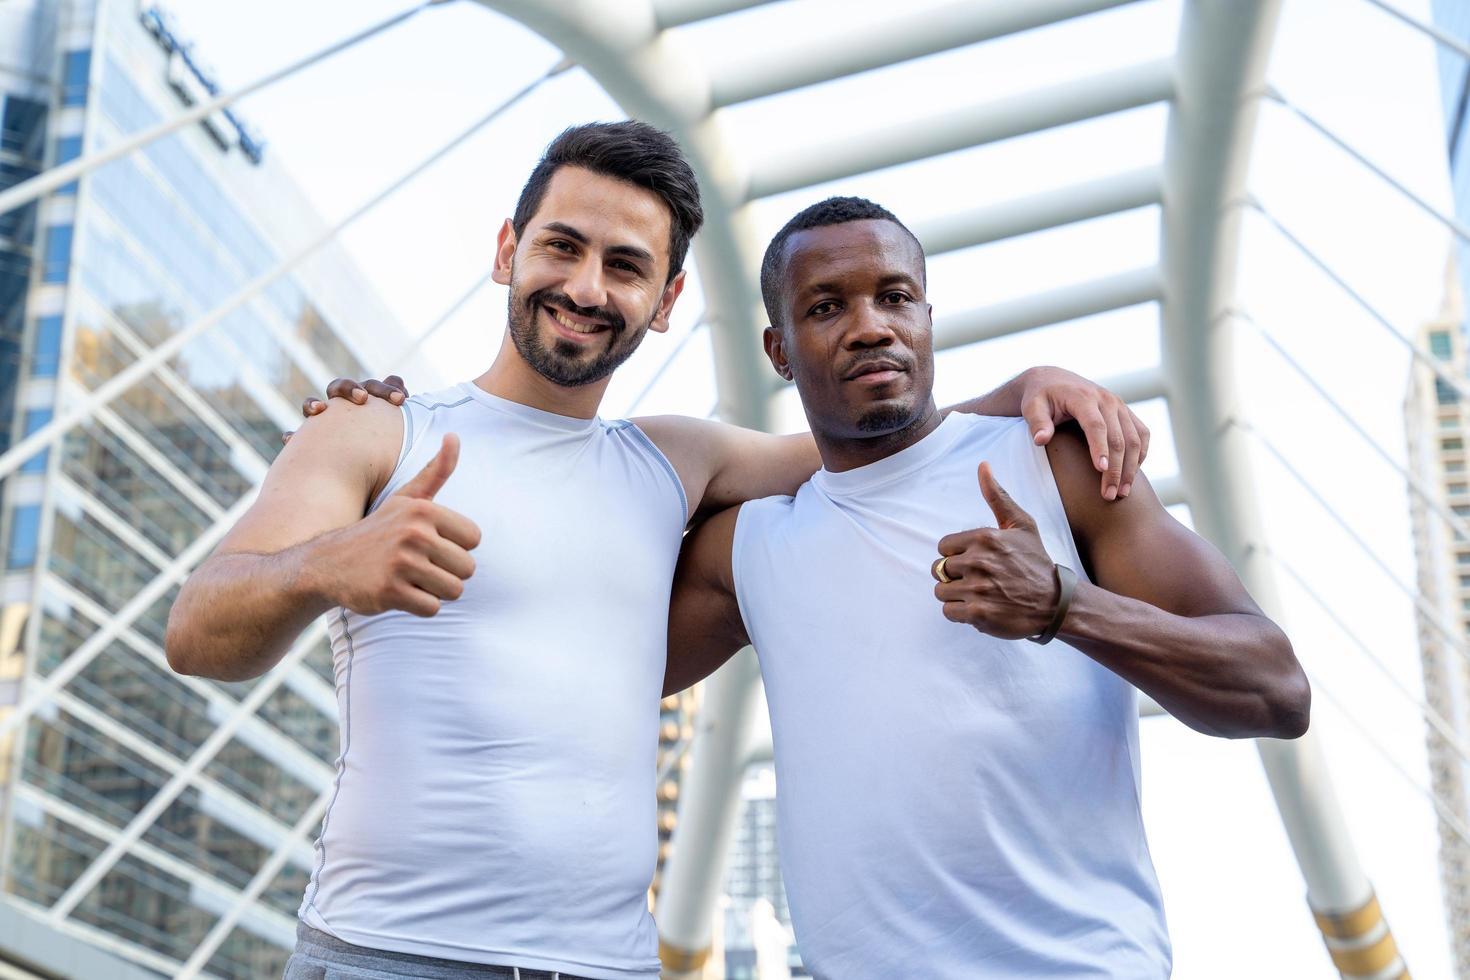 twee mannen in atletische kleding in stadsscène foto